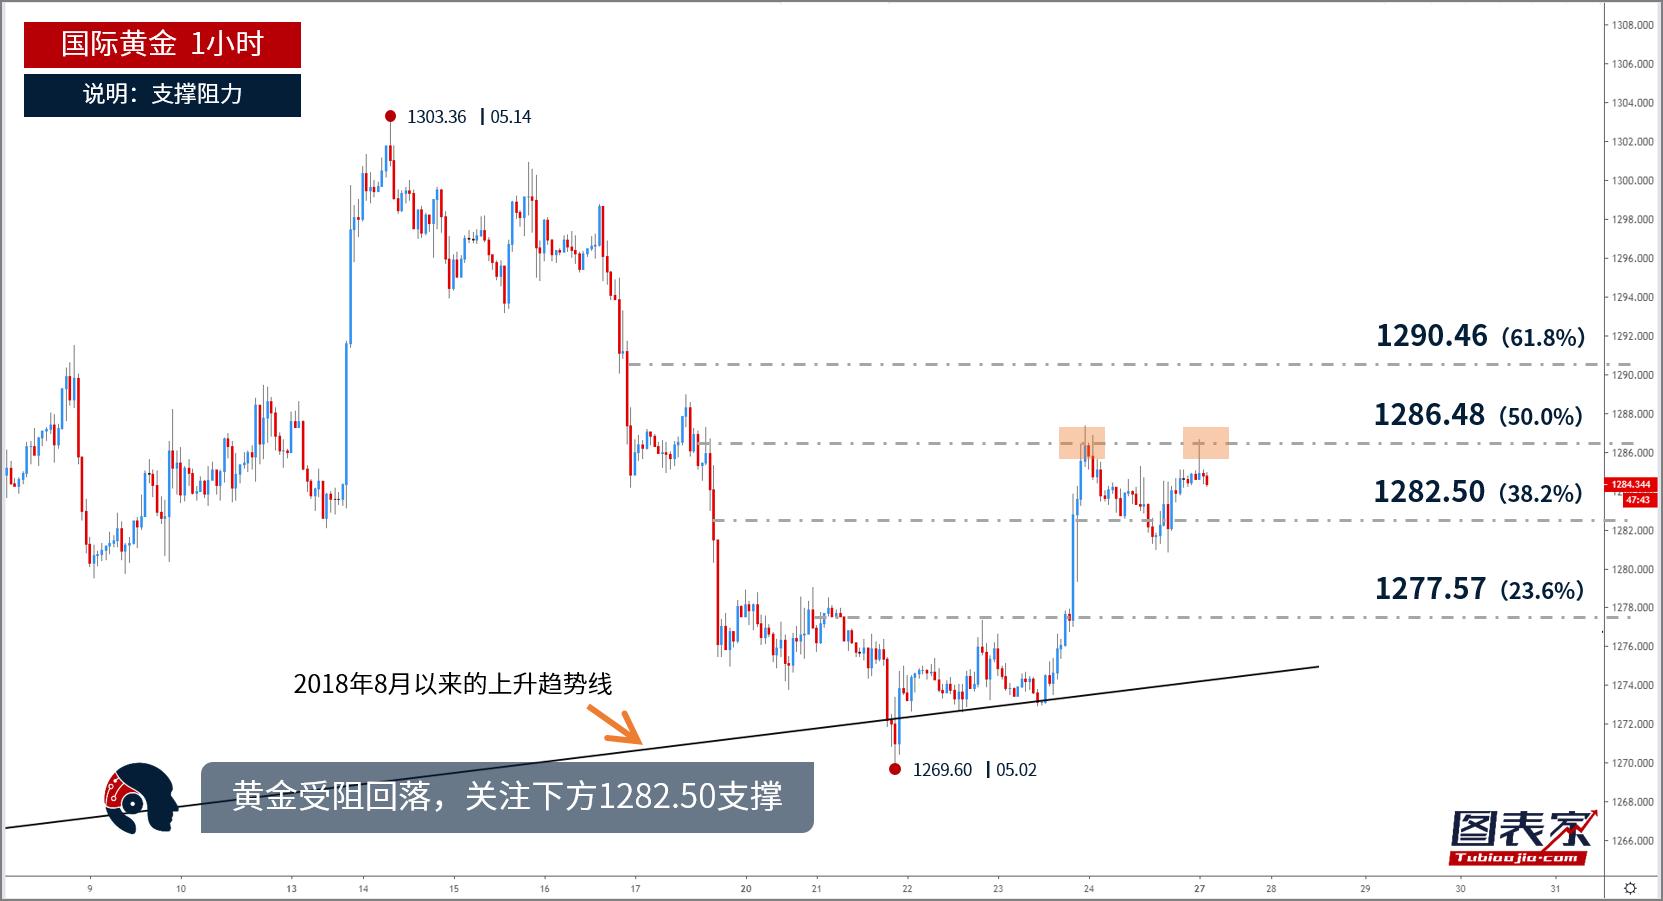 【晨报】黄金受阻回落,日内或跌至1282.50附近-图表家